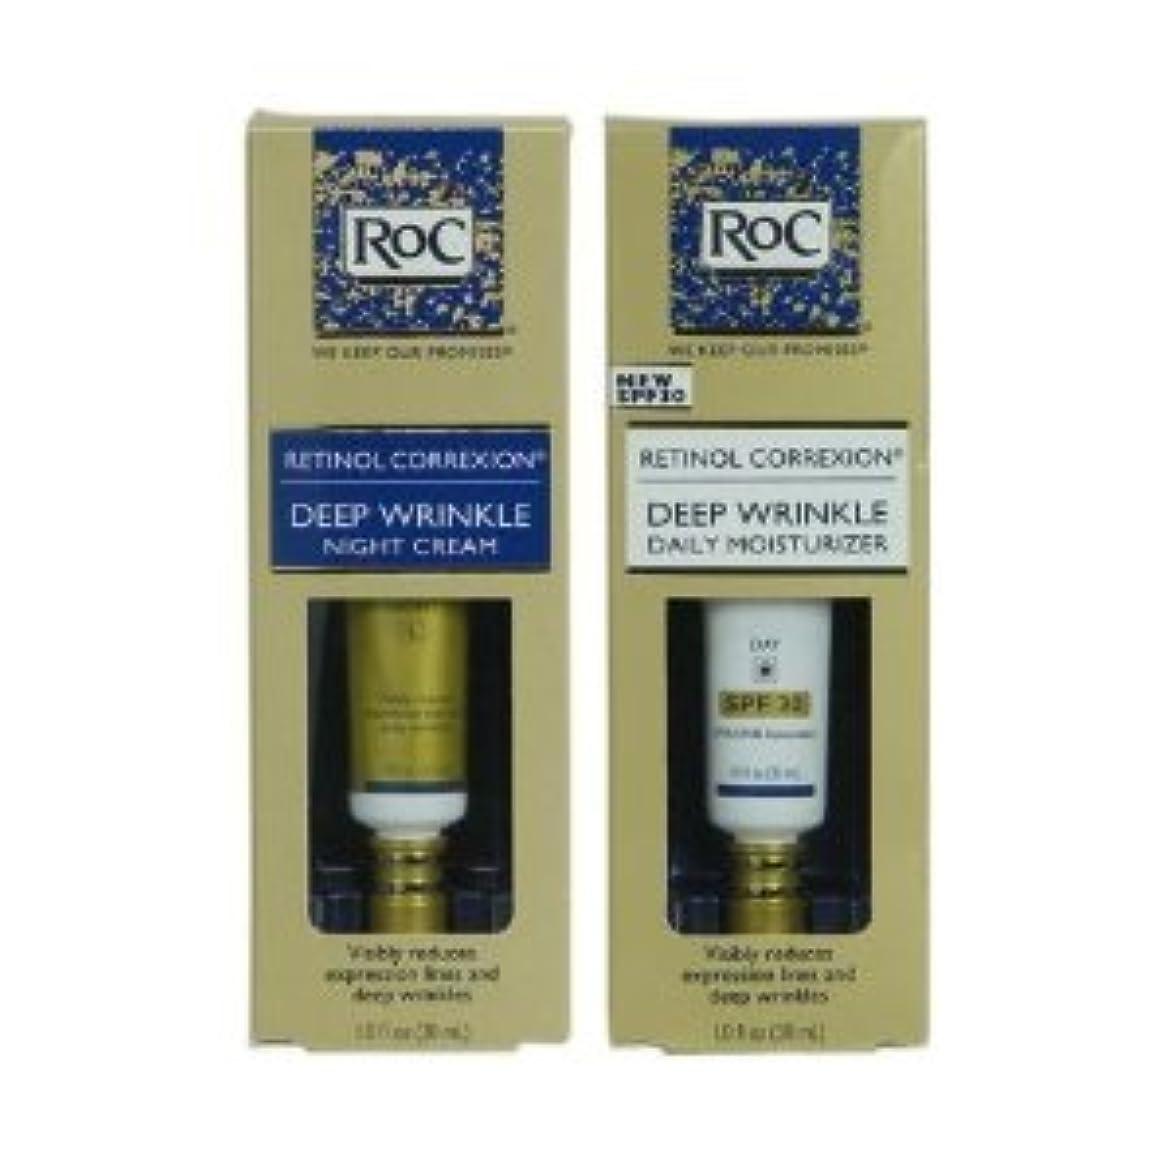 受益者椅子南RoC レチノール コレクション 2本セット (昼+夜セット) フランス製 RoC Retinol Correxion Deep Wrinkle Day/Night set